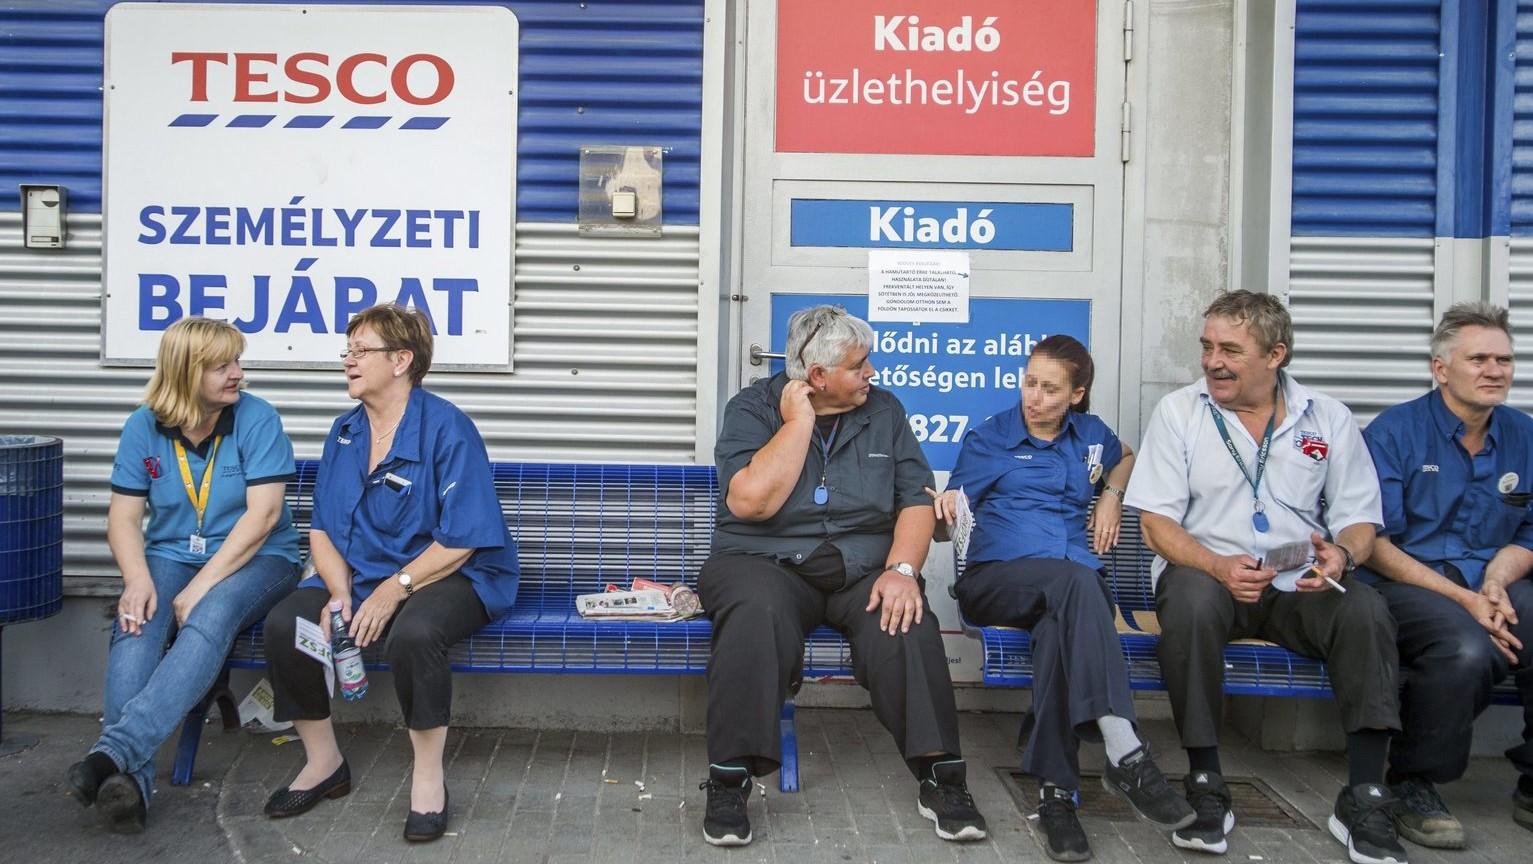 Sztrájkol a Fogarasi úti Tesco áruház dolgozóinak egy része a Zuglói hipermarket személyzeti bejáratnál 2017. szeptember 8-án (MTI Fotó: Balogh Zoltán)